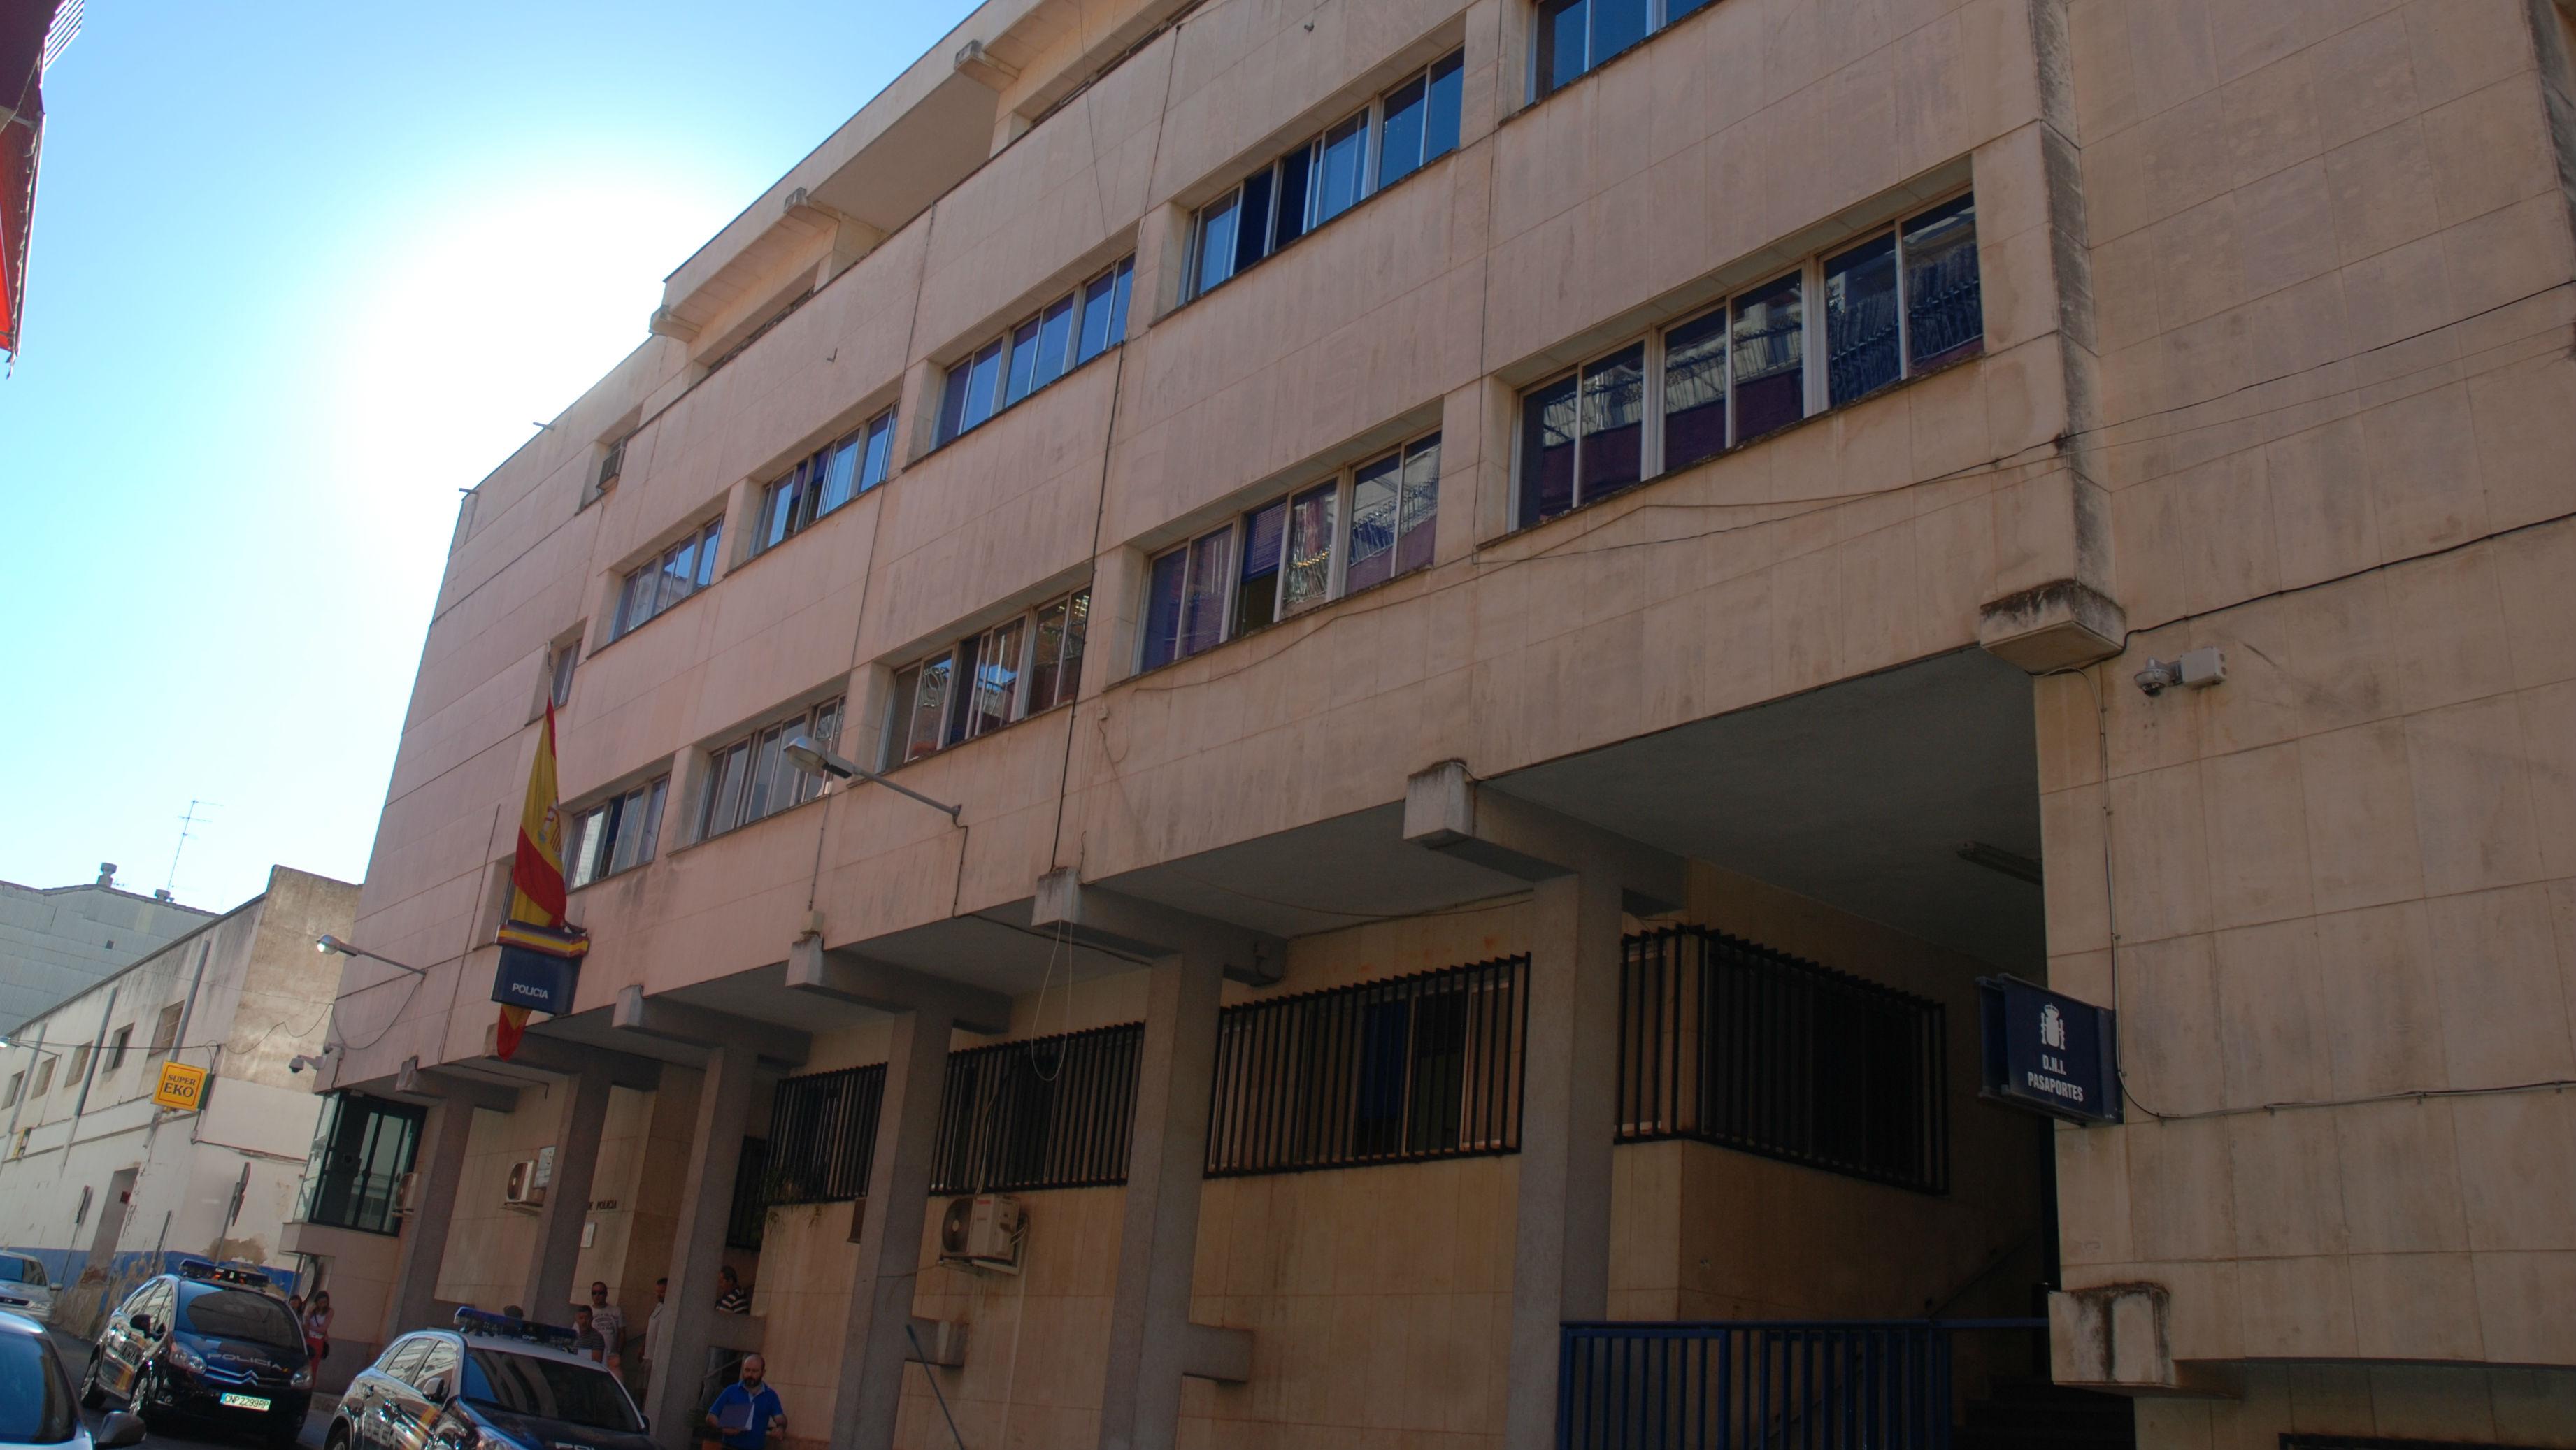 El arresto ha sido llevado a cabo por agentes de la Comisaría de Linares